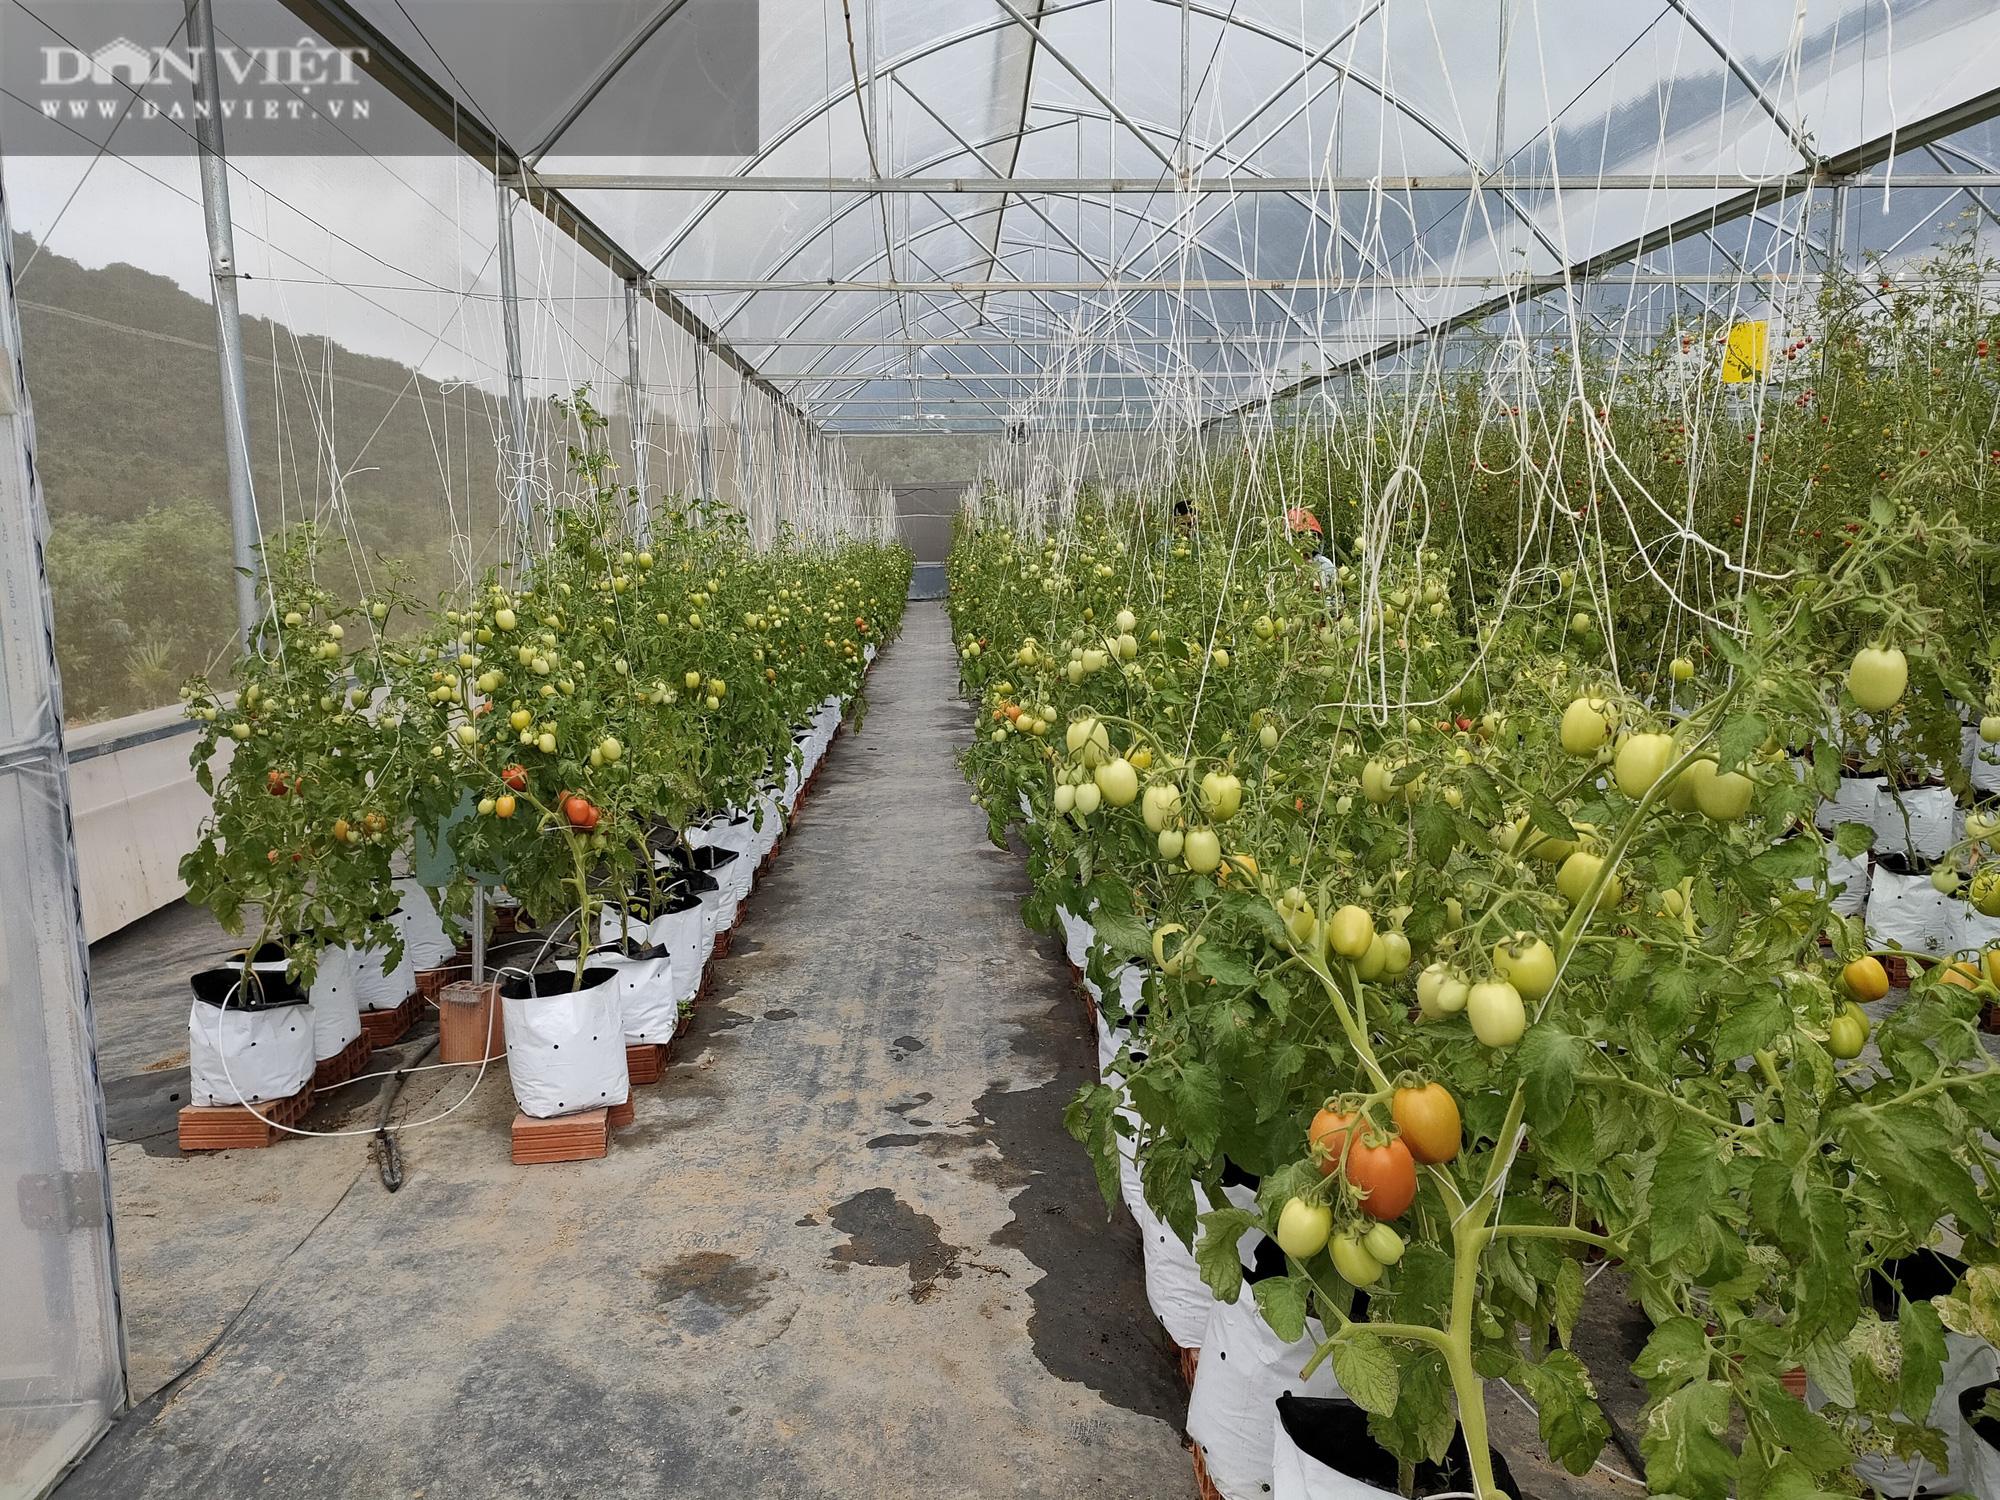 """Ngắm vườn cà chua chuỗi ngọc mọc """"chi chít"""" quả trên đồi - Ảnh 11."""